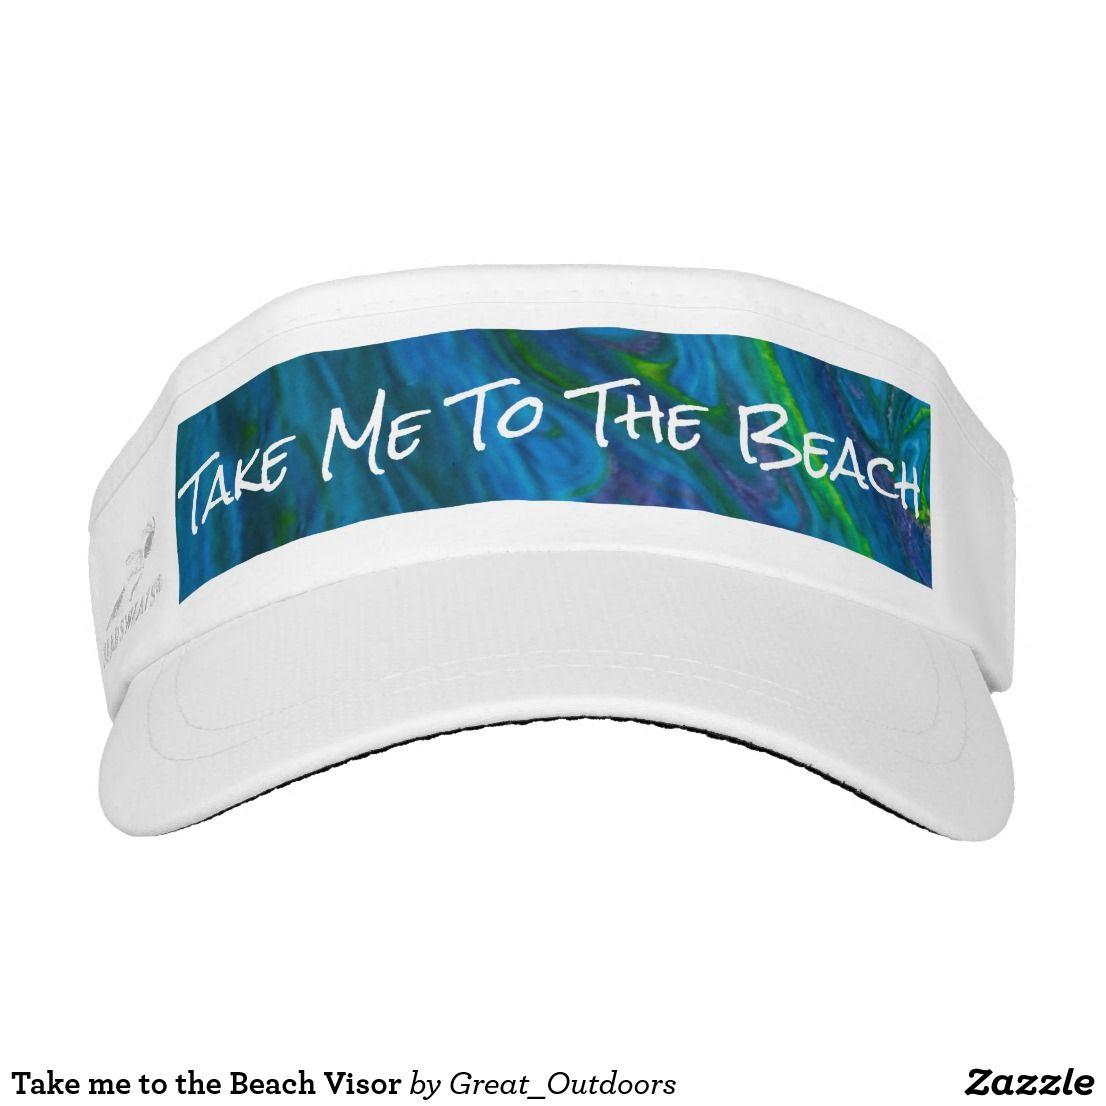 Take me to the Beach Visor